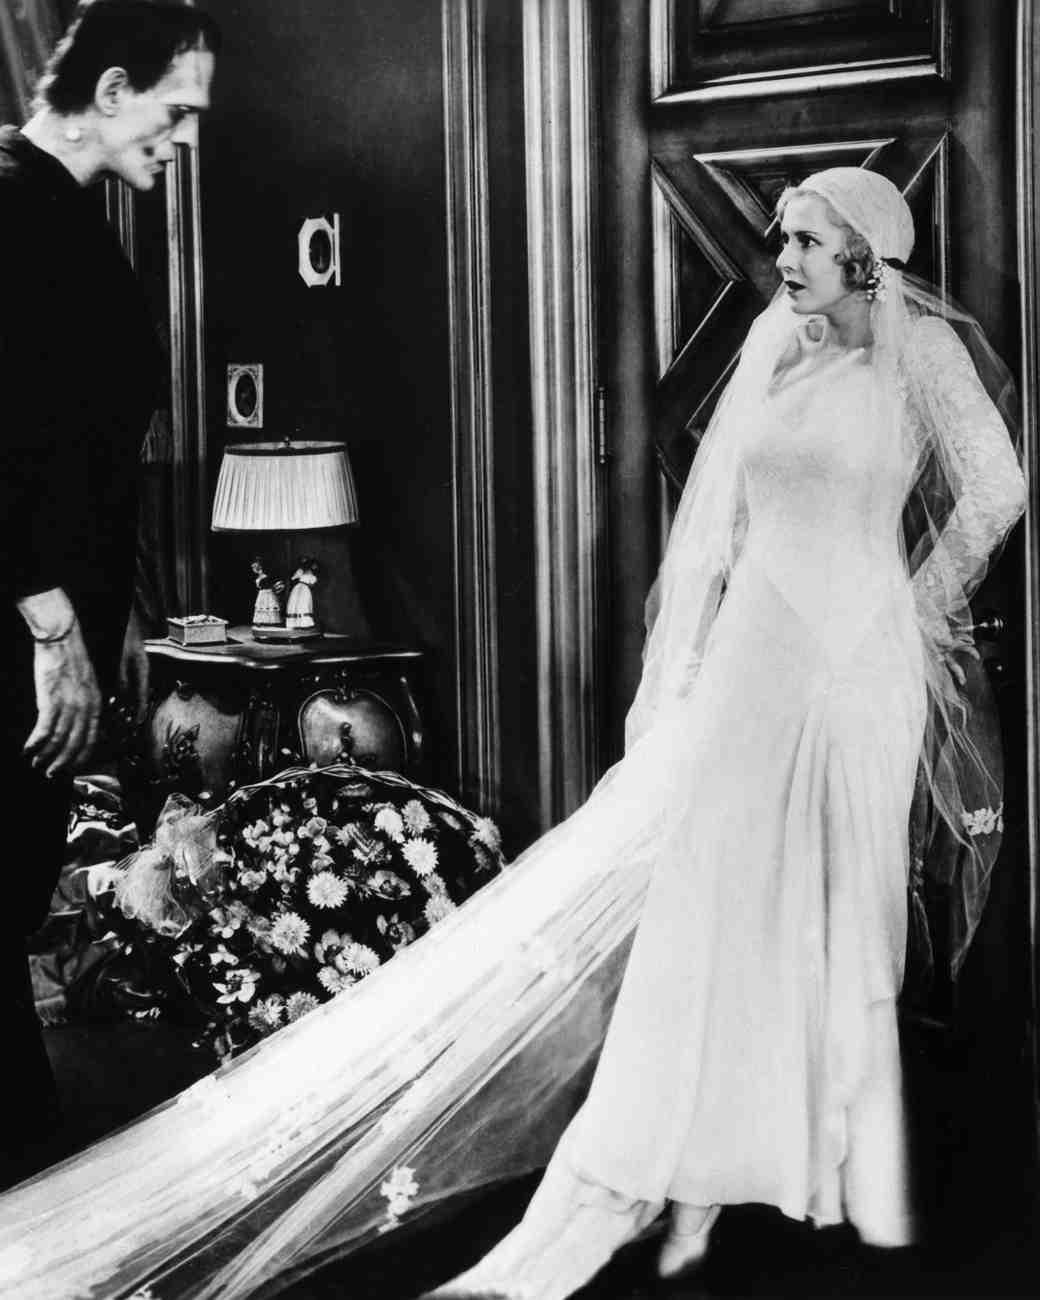 movie-wedding-dresses-frankenstein-mae-clark-0316.jpg